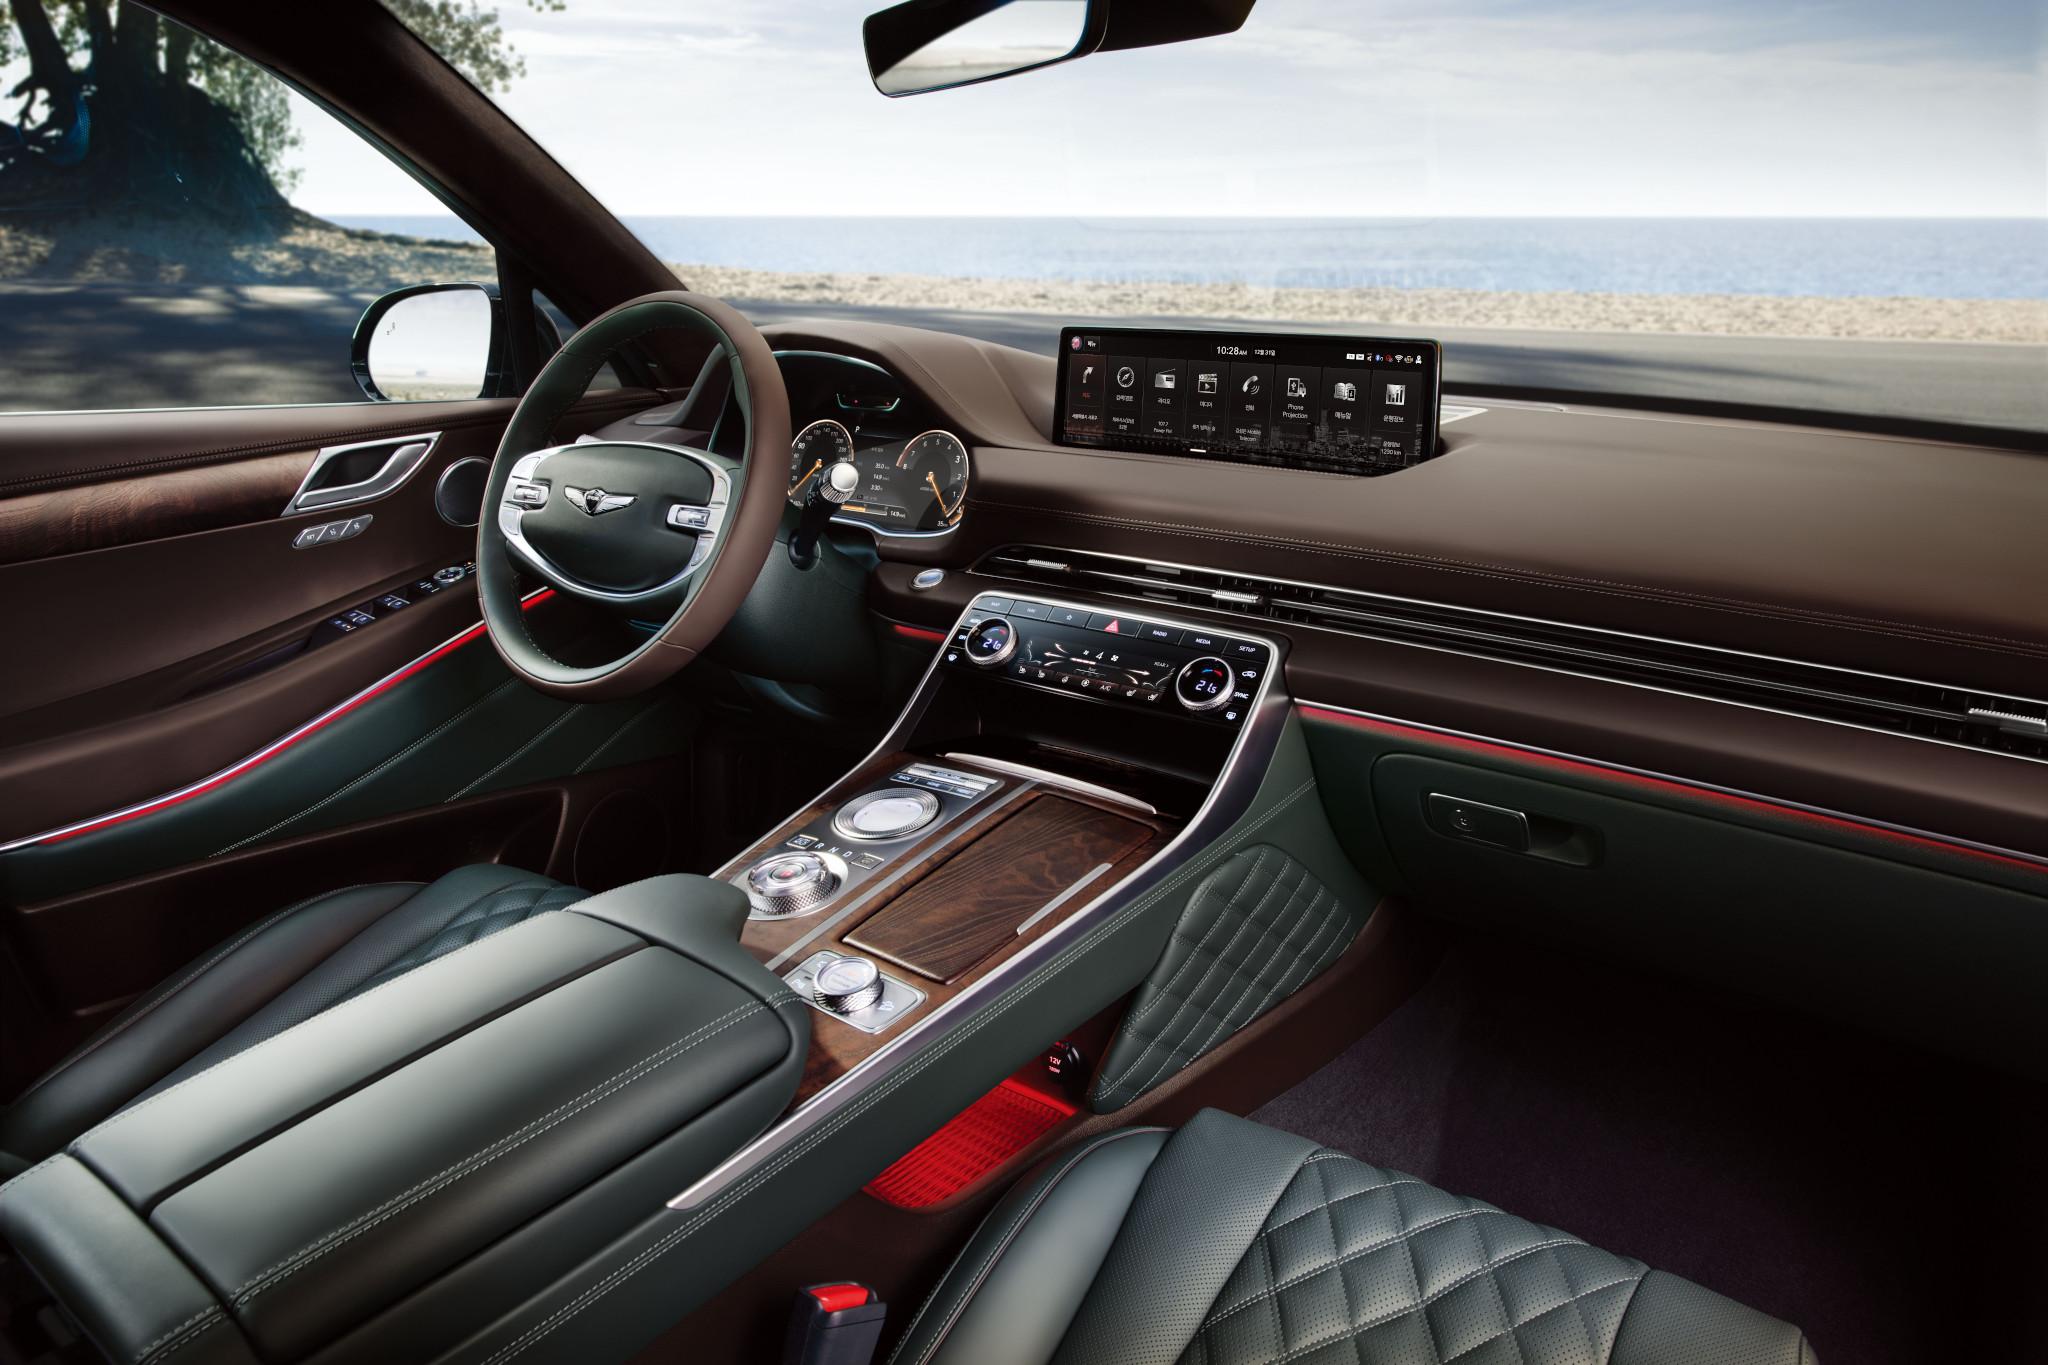 2021 Genesis GV80: 10 New Things We Know About Genesis' First SUV via @carsdotcom